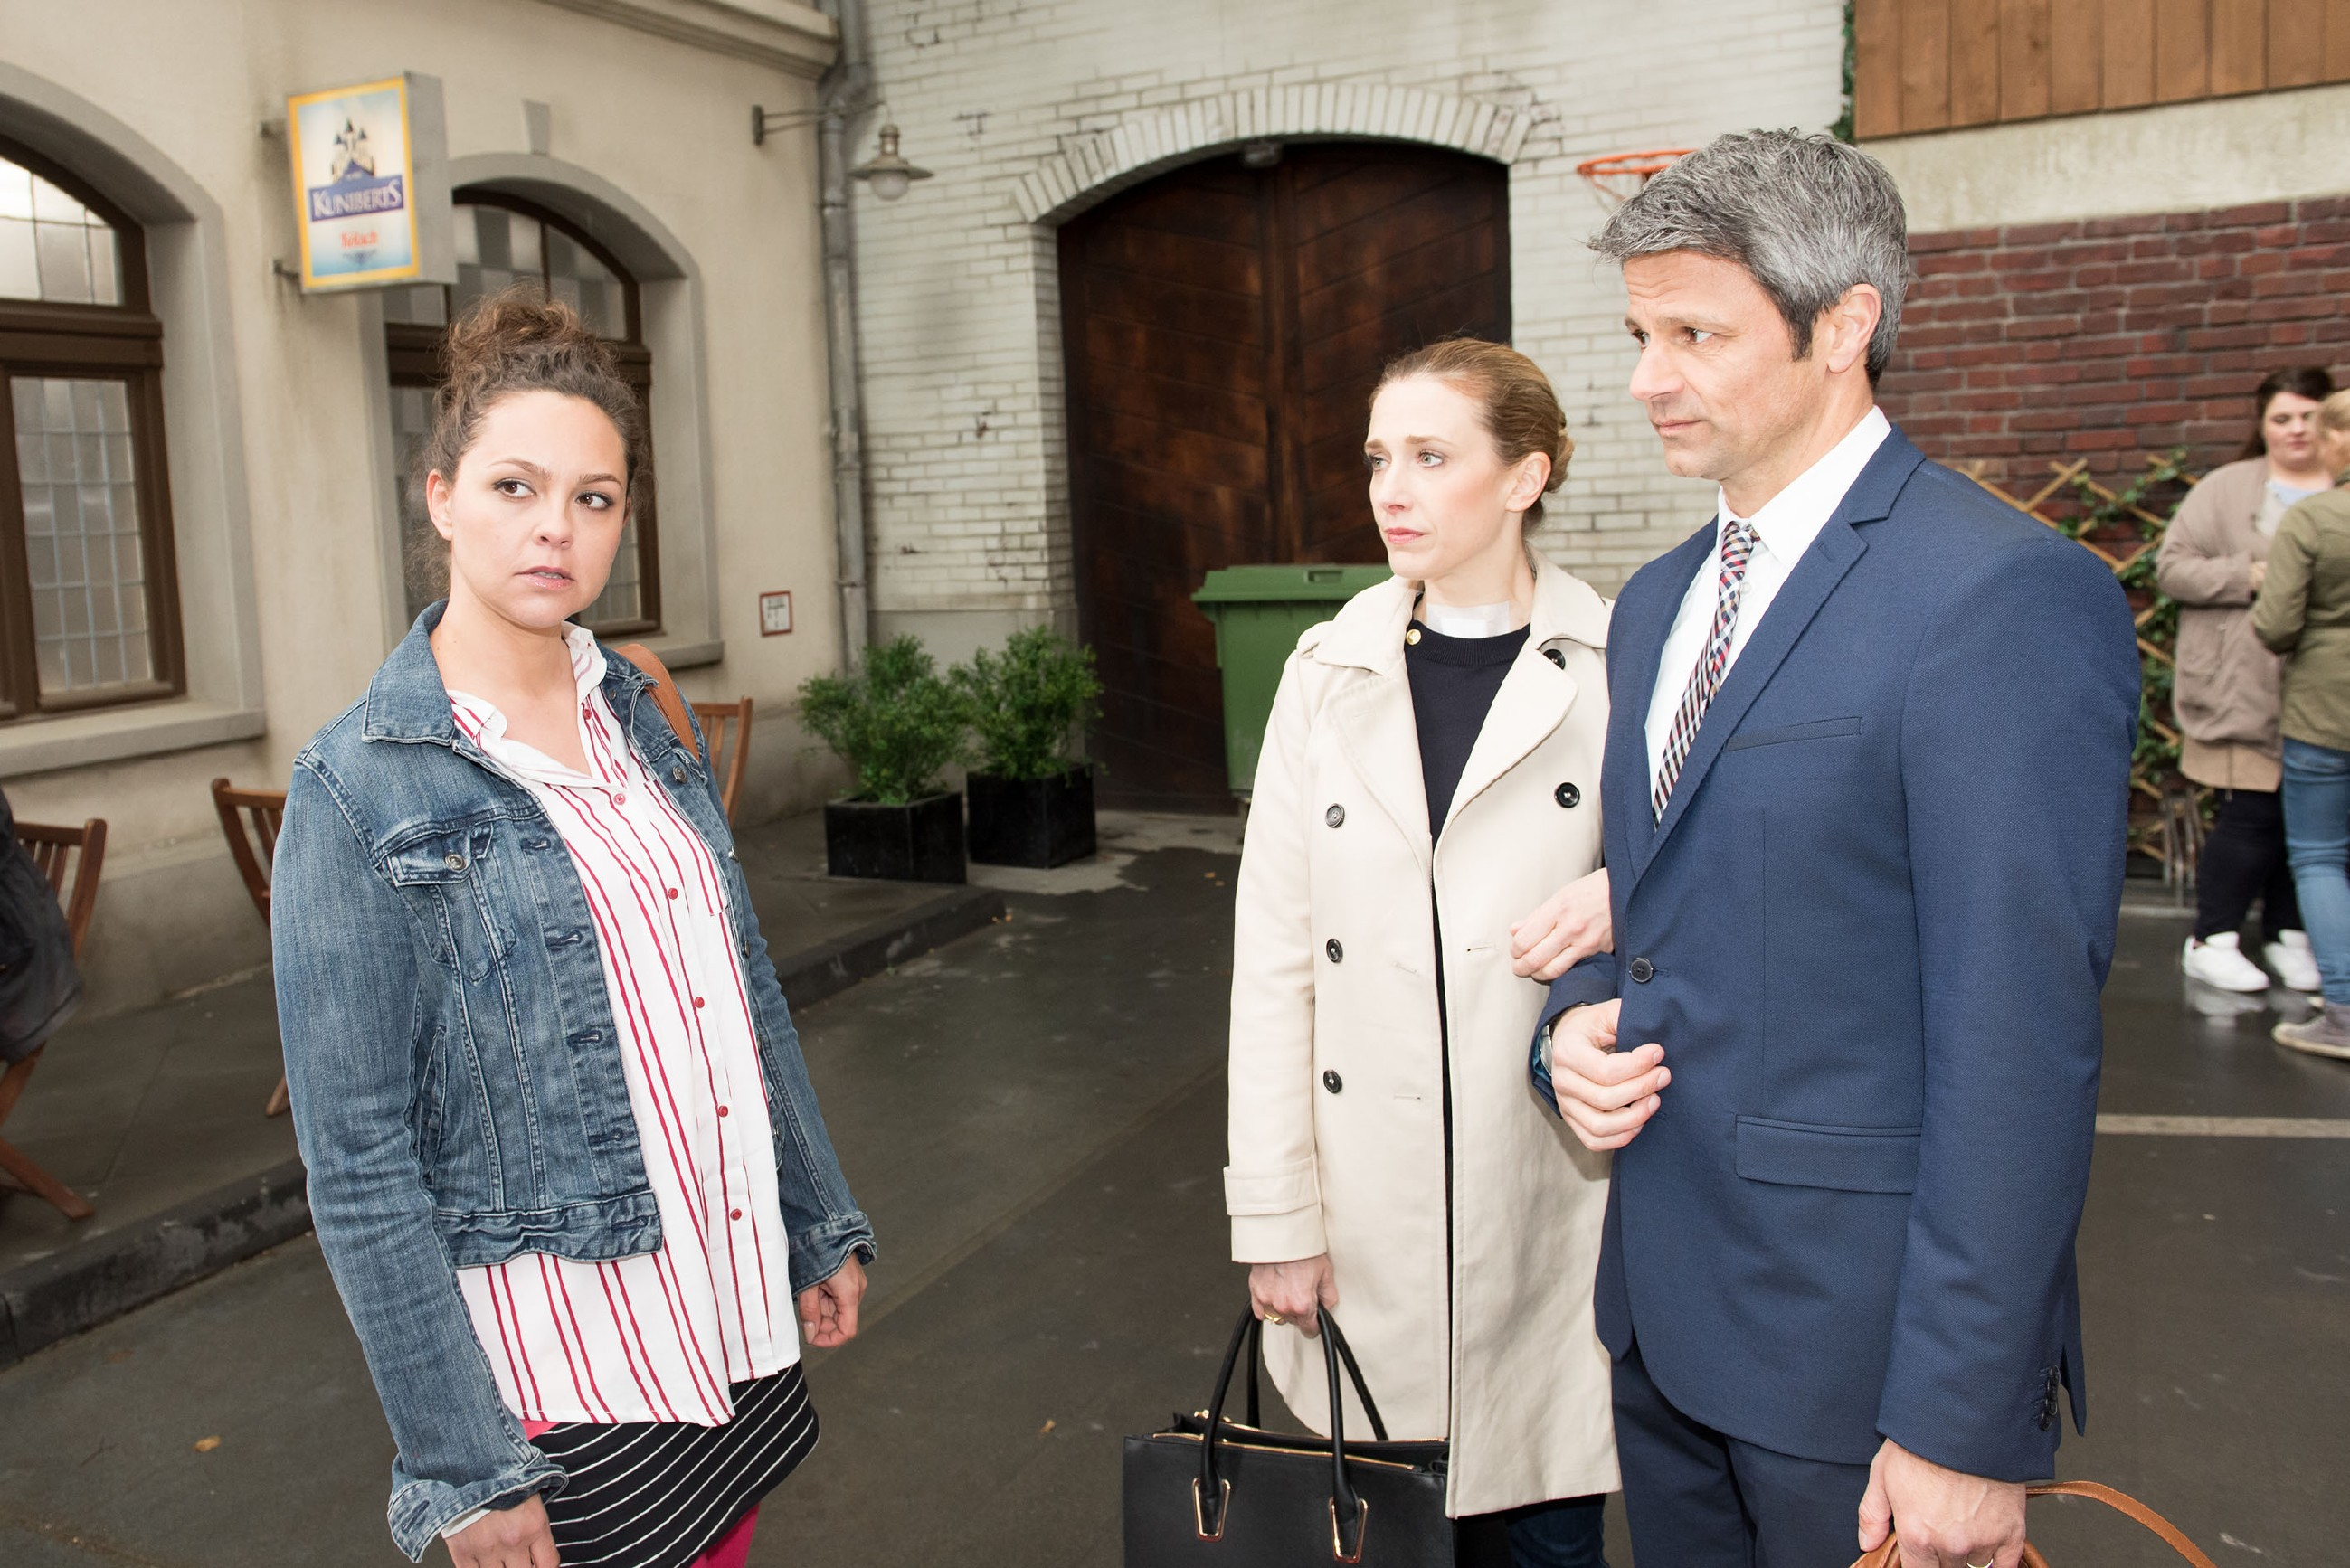 Caro (Ines Kurenbach, l.) trifft auf Andrea (Kristin Meyer) und Benedikt (Jens Hajek) und erfährt von der arglosen Andrea, dass Jule ihren Mathekurs geschwänzt hat. (Quelle: RTL / Stefan Behrens)